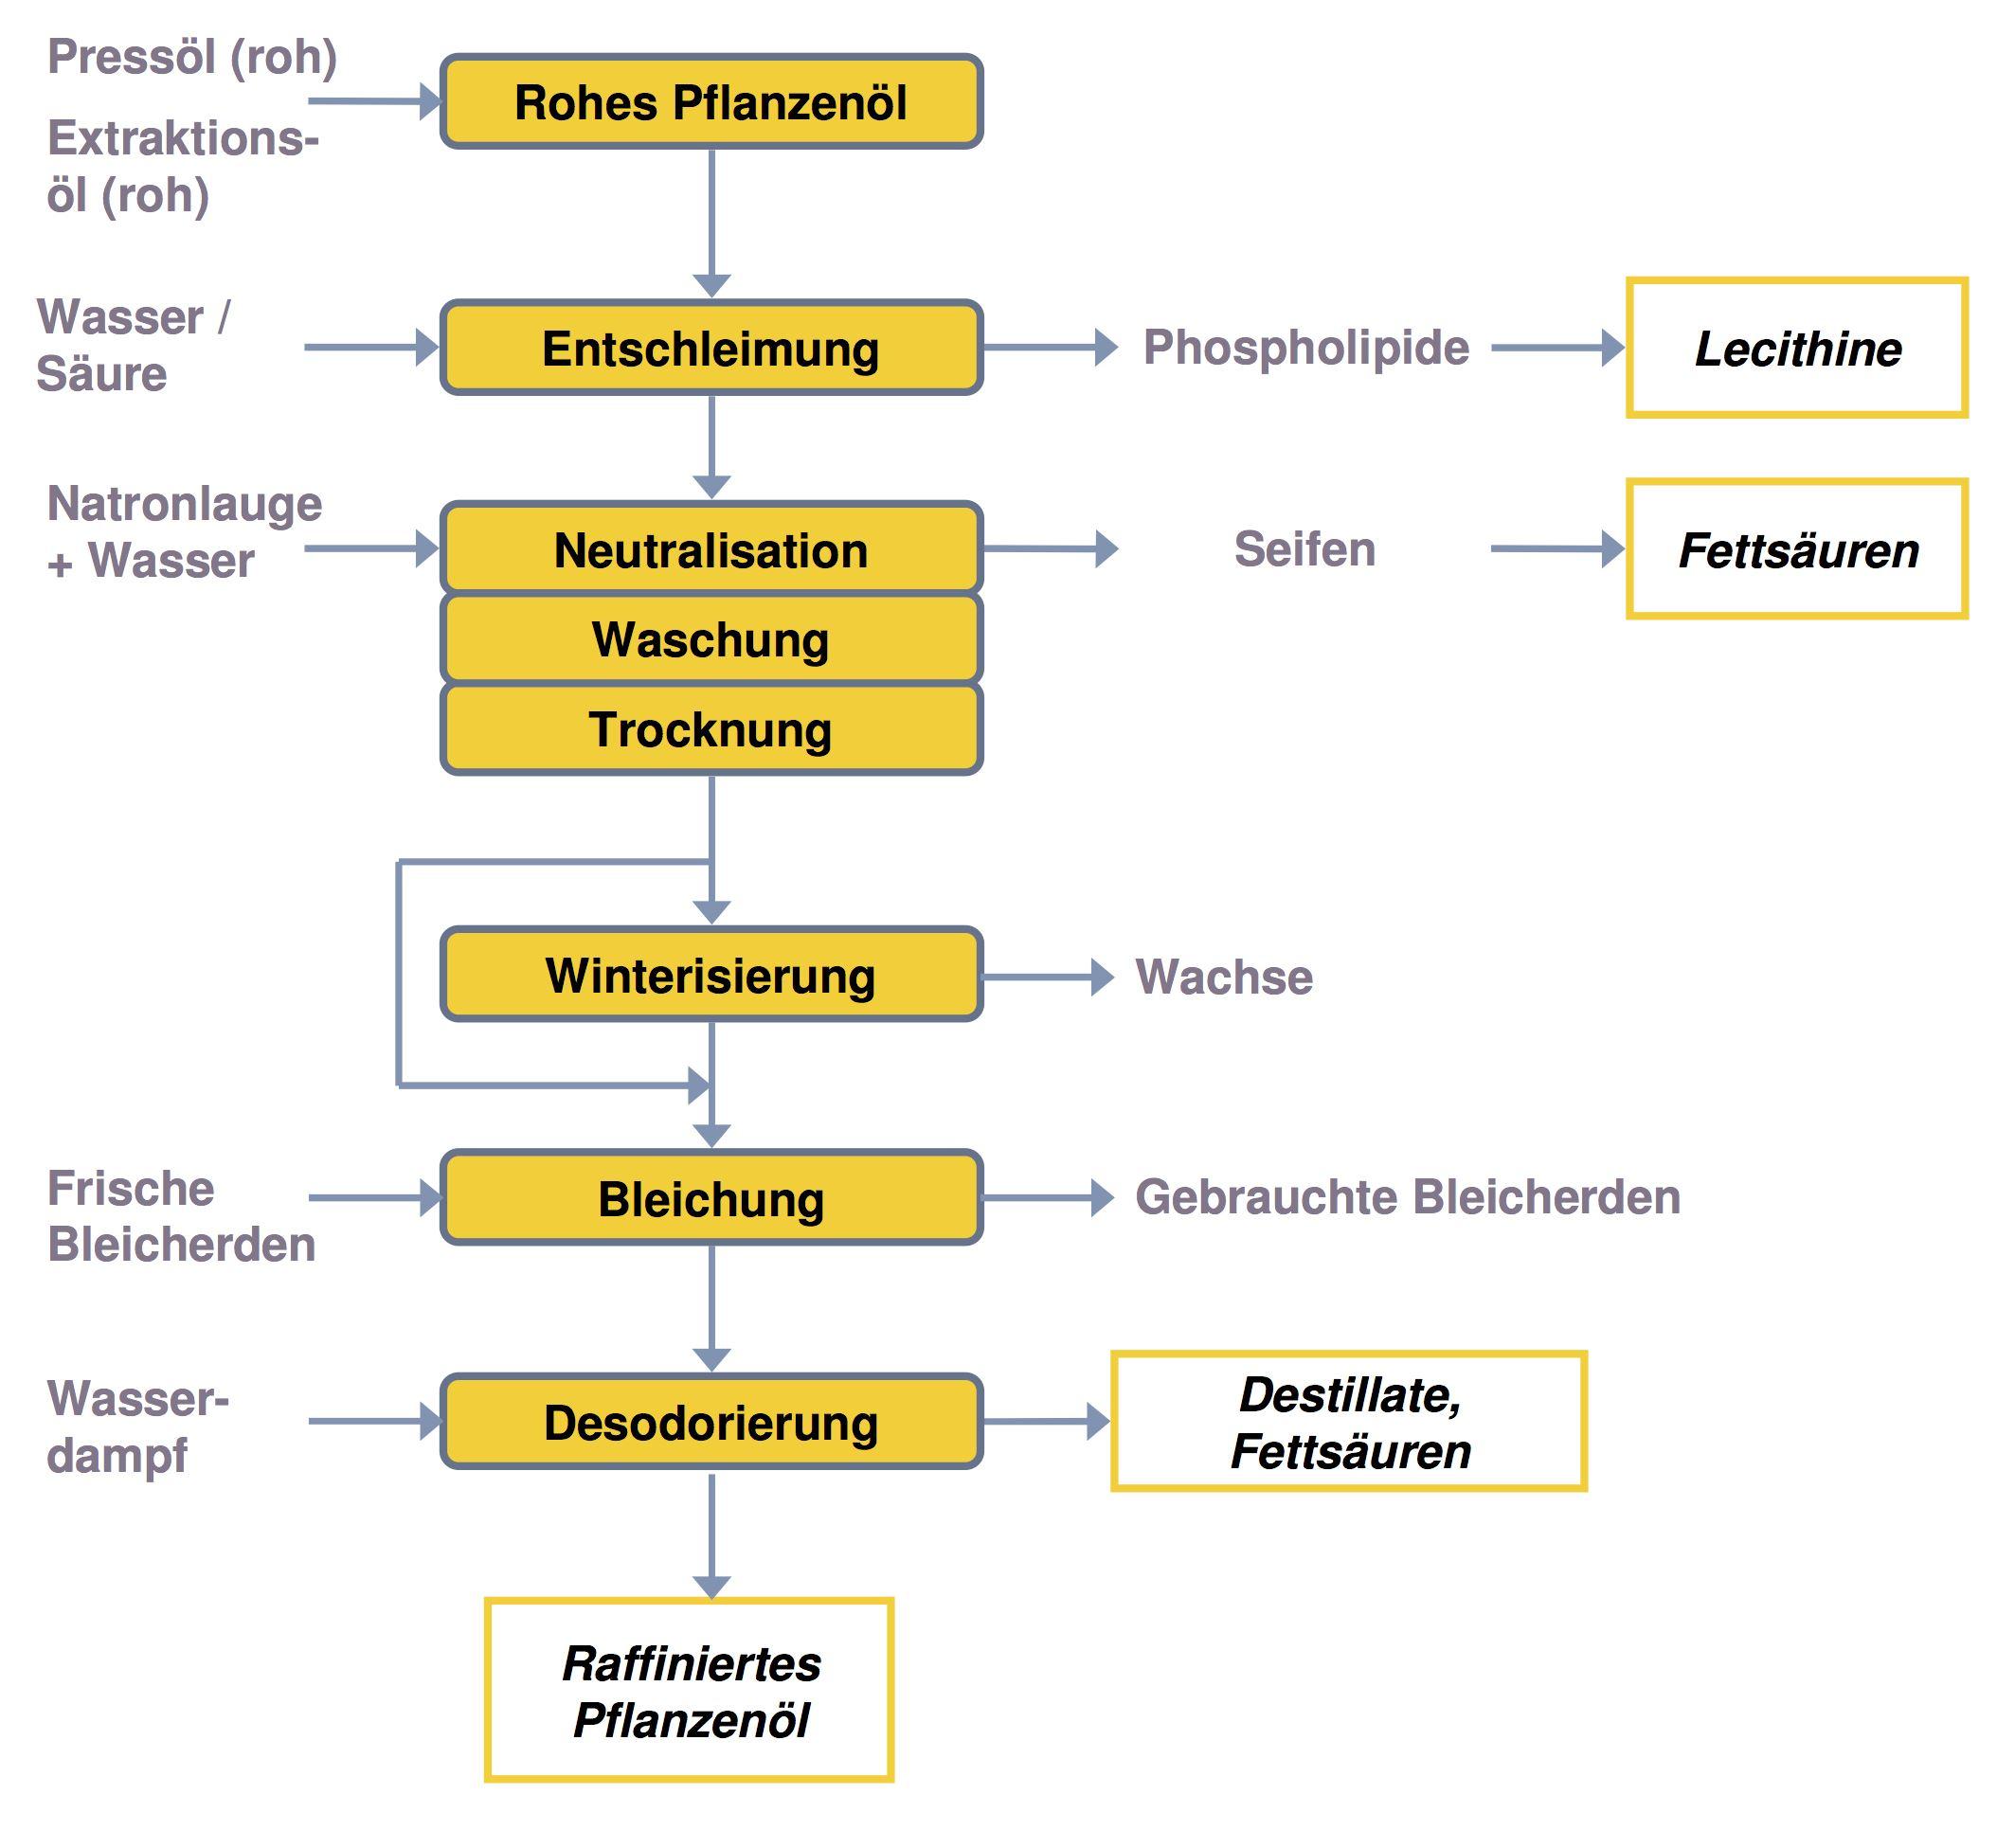 Die Burton Prozess noch bei der Raffination von Heizöl aber die bei unterschiedlichen Temperaturen und Drücken als Benzin hergestellt wird. Rohöl kann von der Burton Prozess verfeinert werden. In Verbindung stehende Artikel.